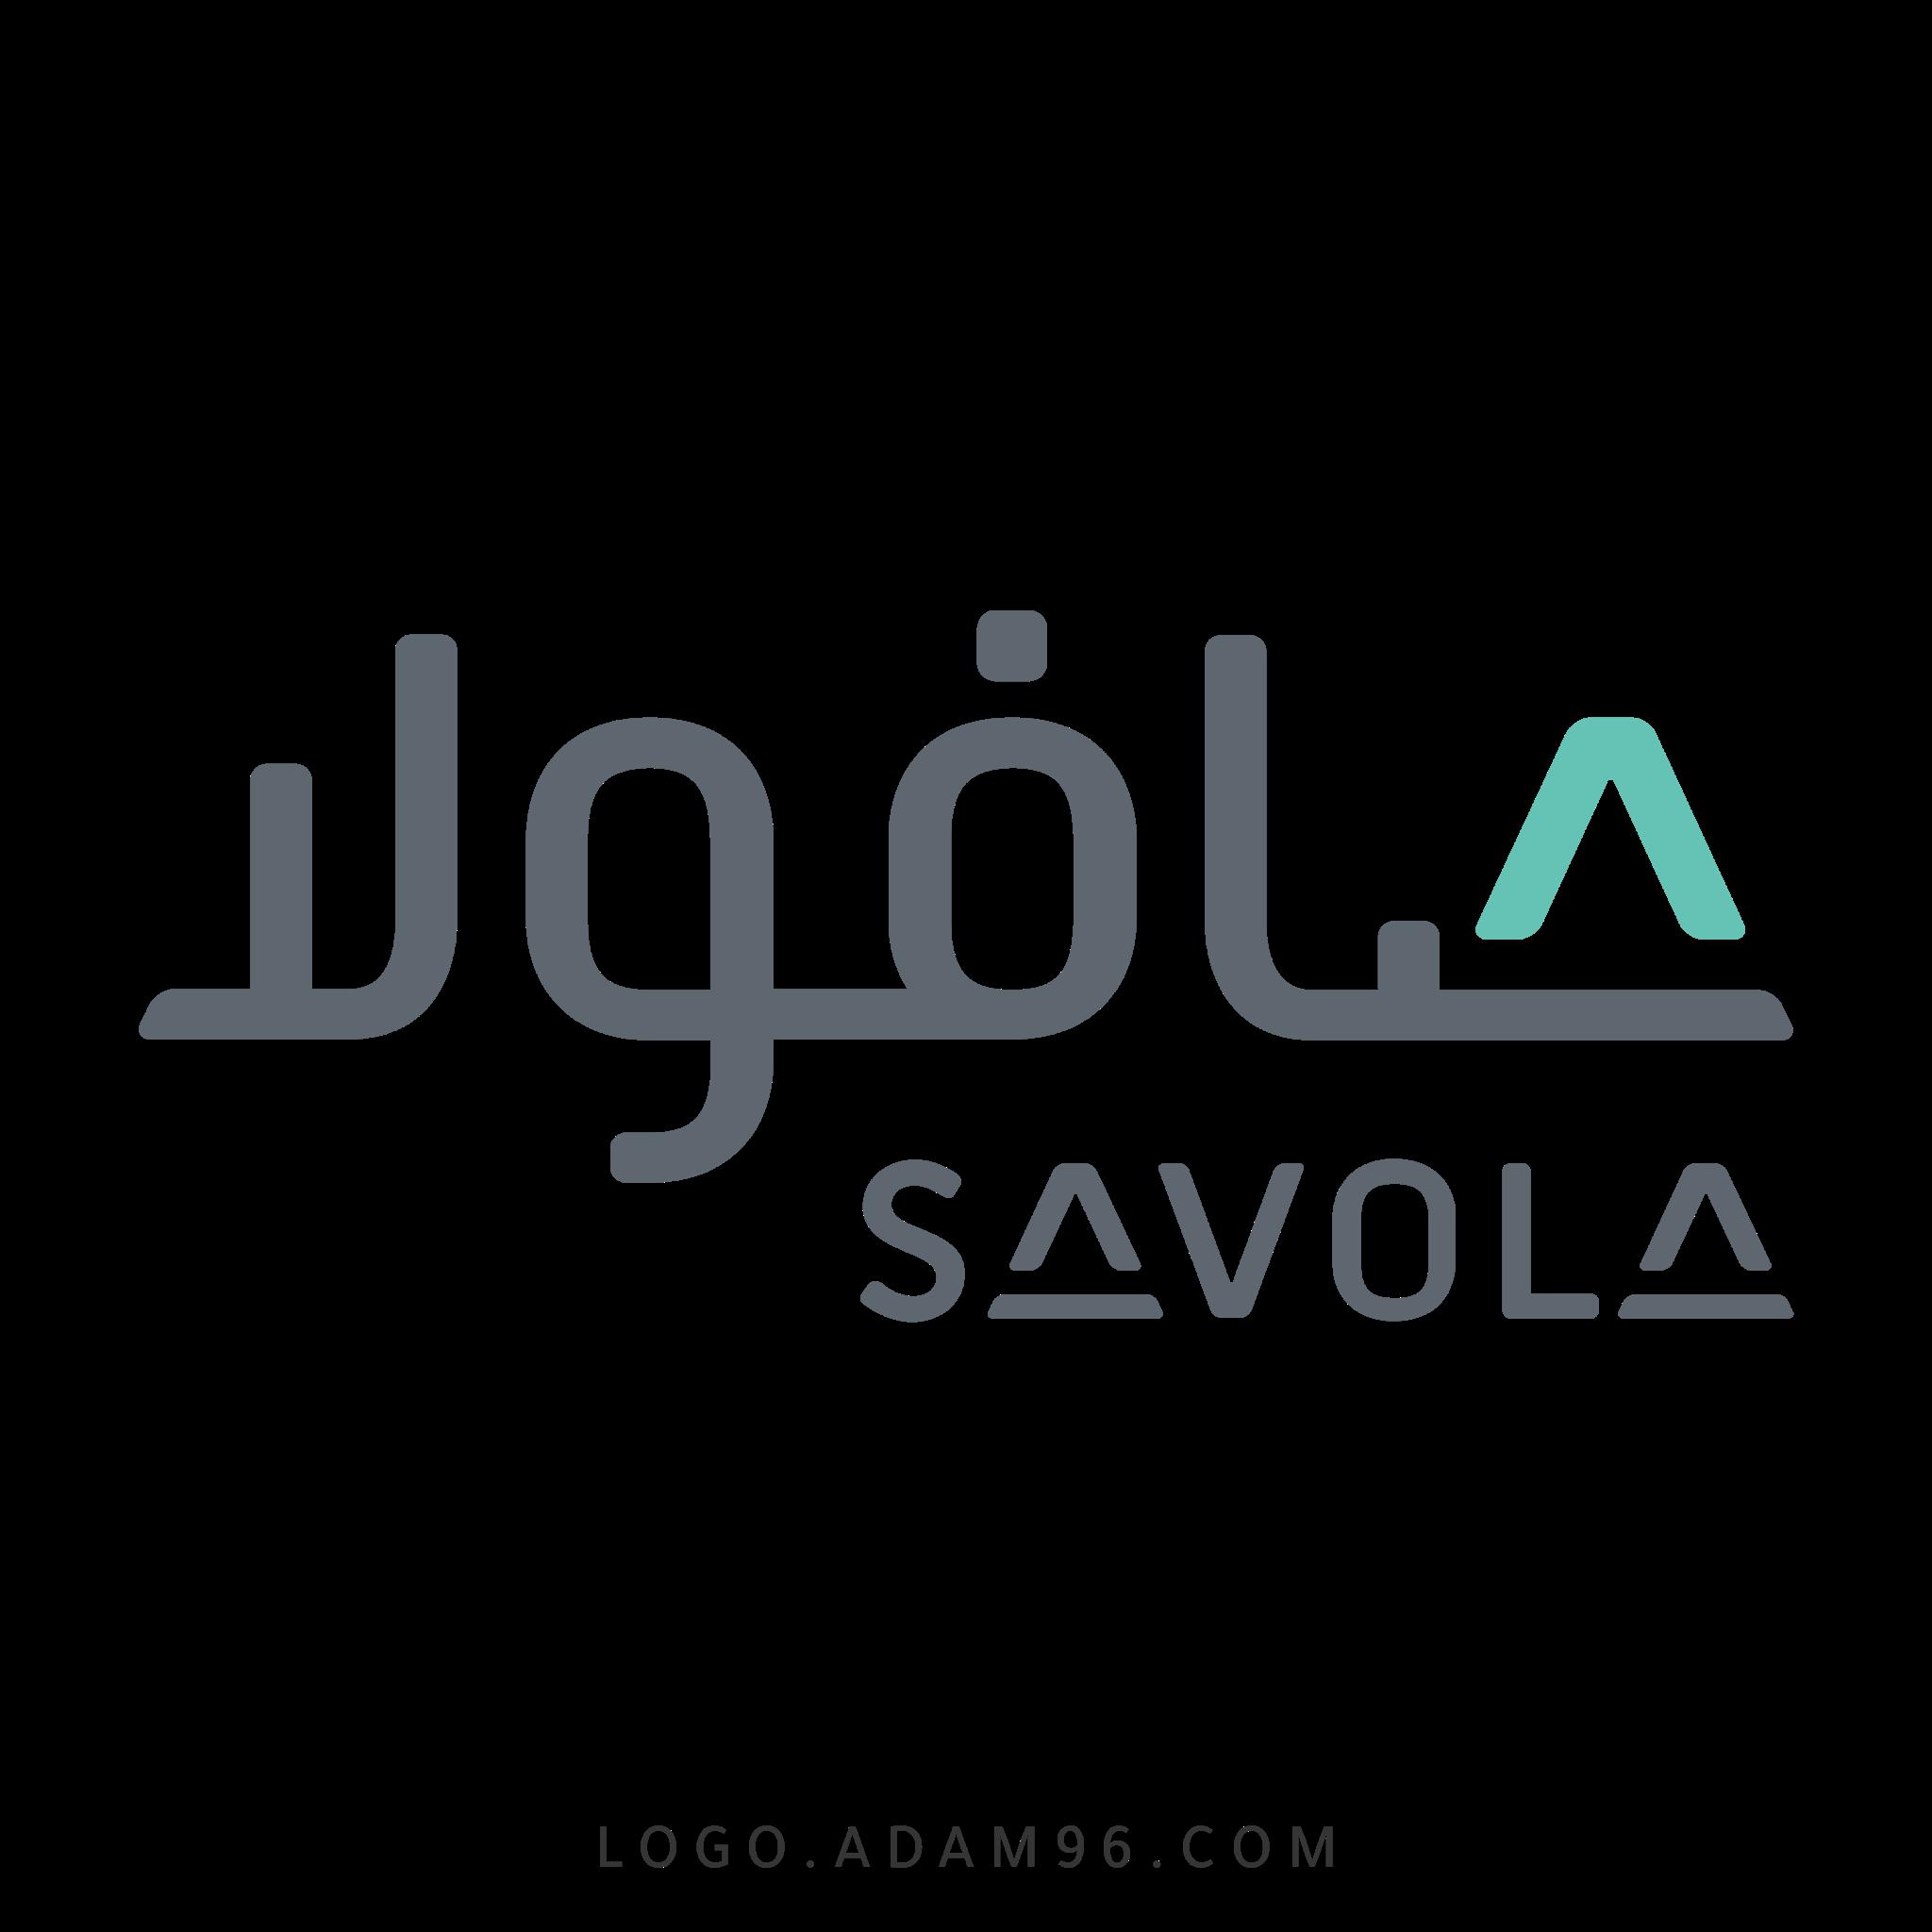 تحميل شعار شركة صافولا السعودية لوجو بصيغة شفافة PNG